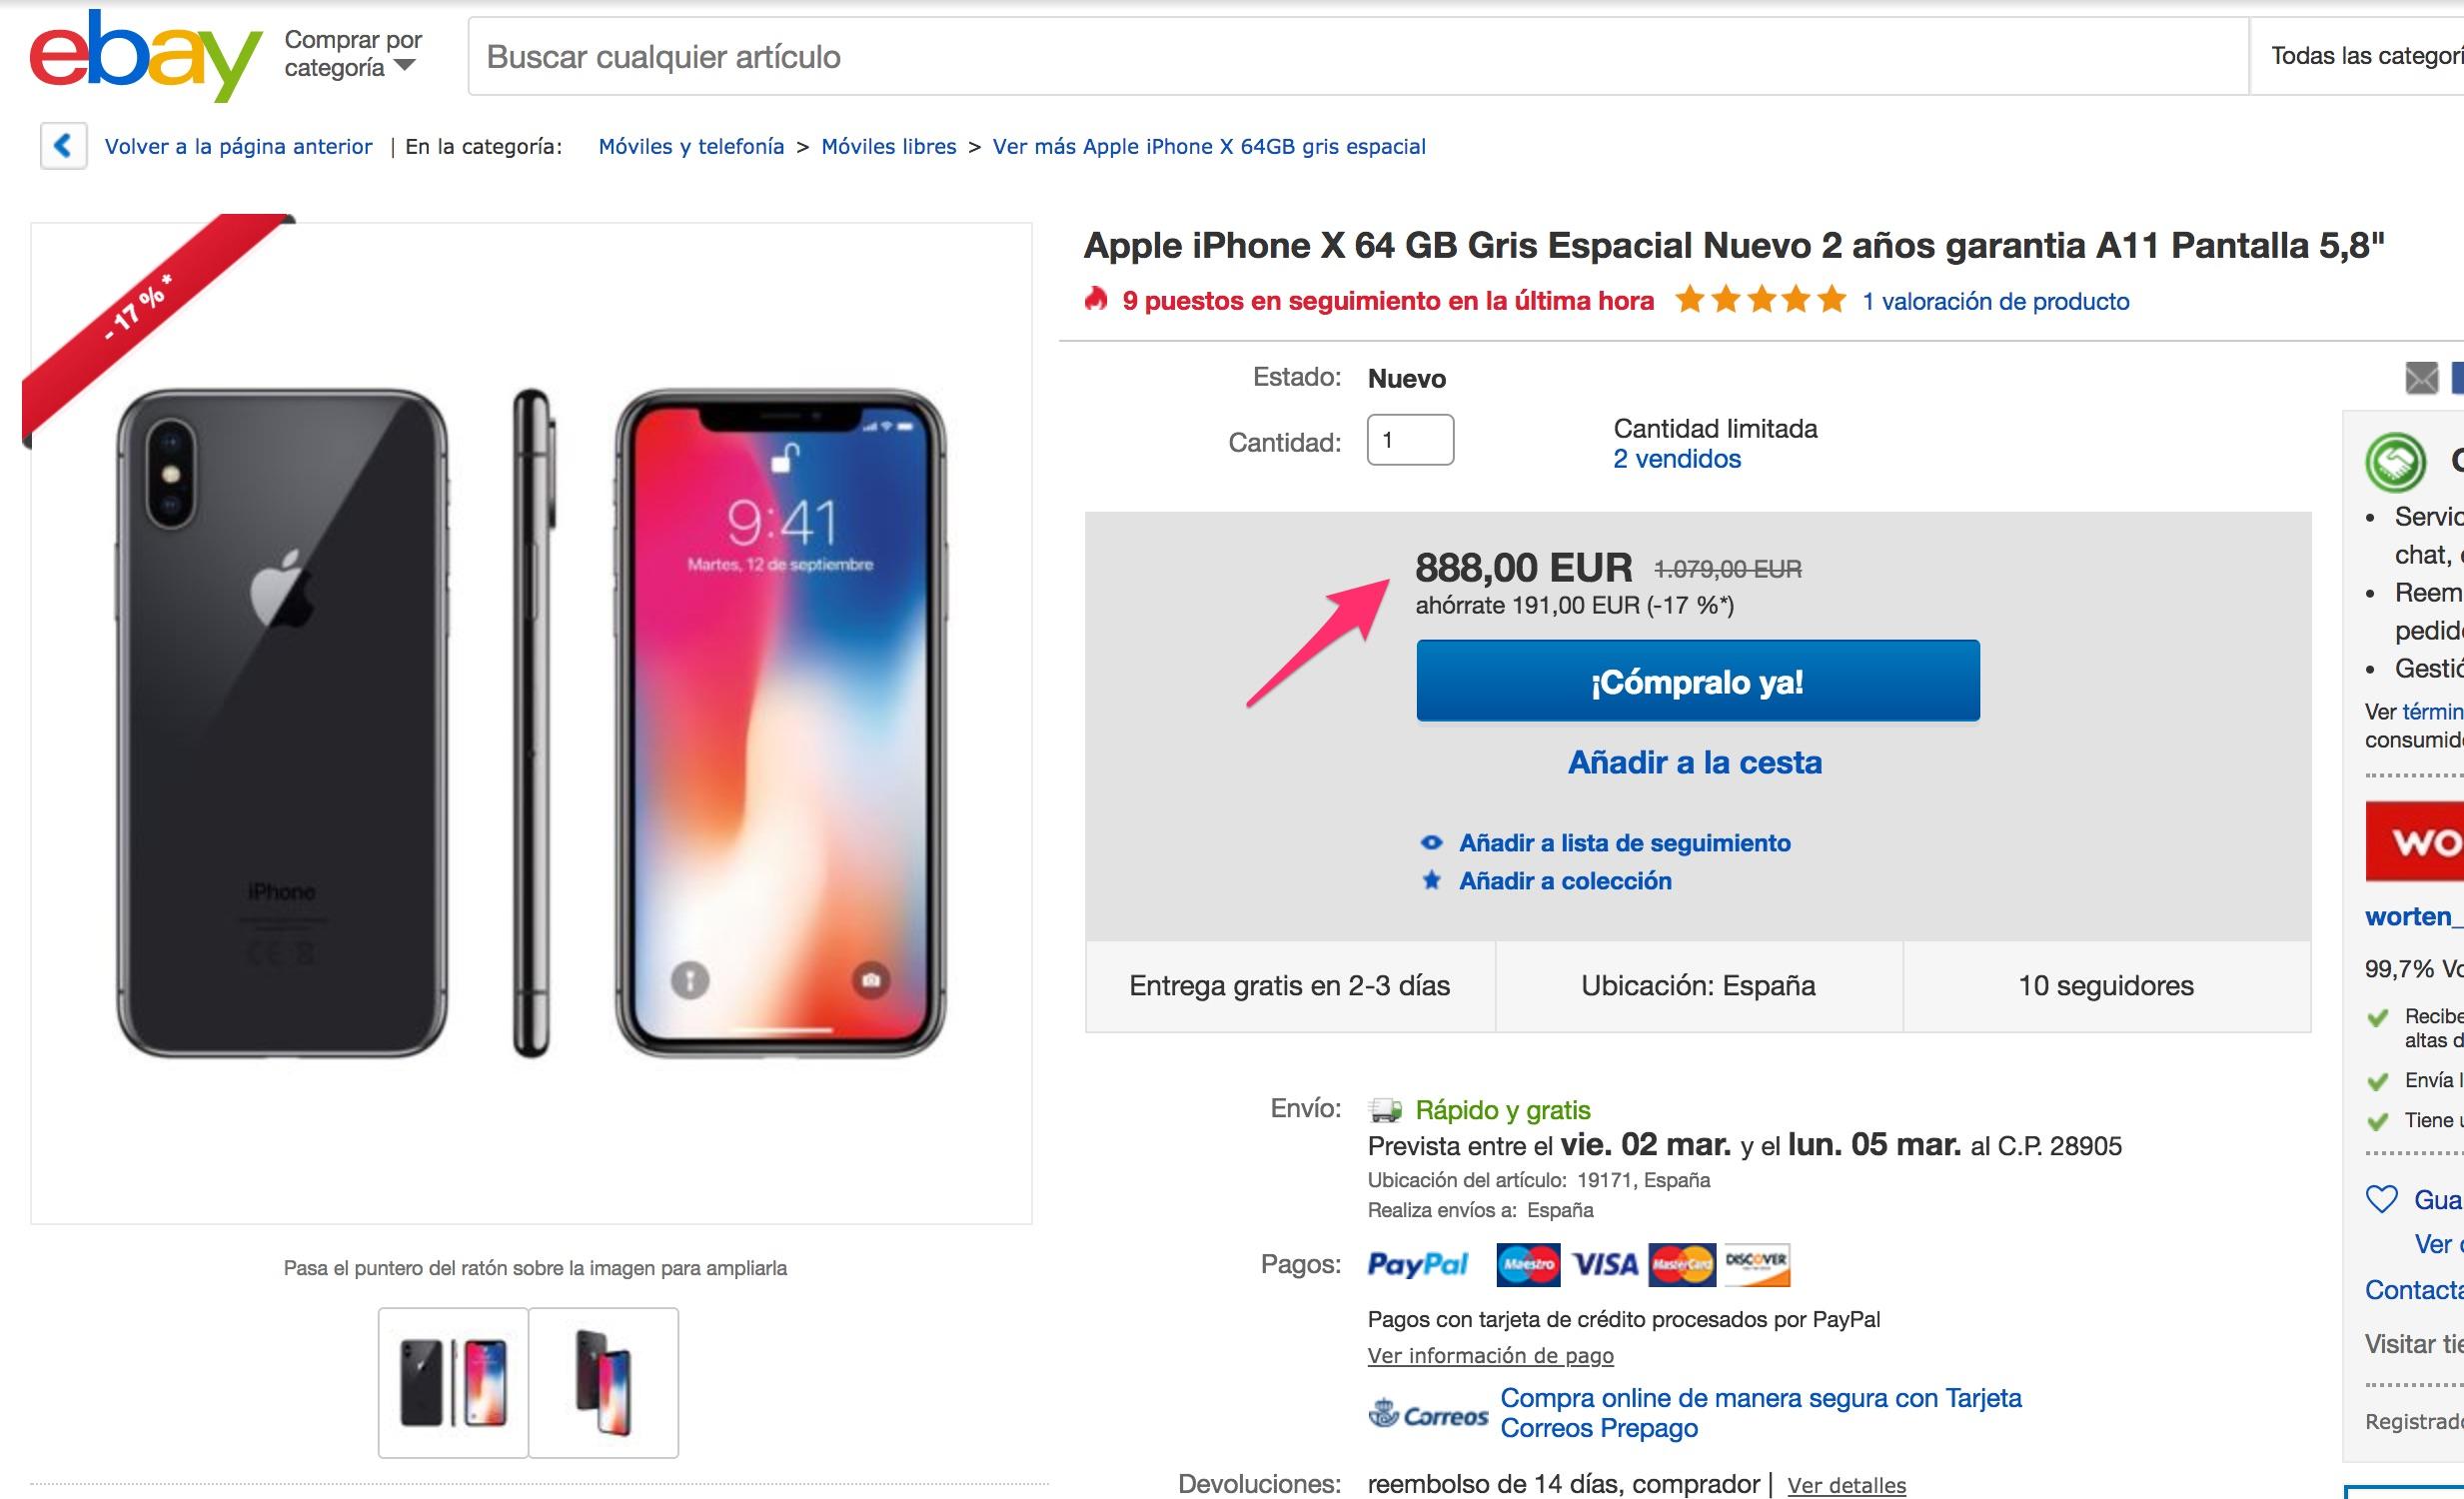 iPhone X en eBay a sólo 888€